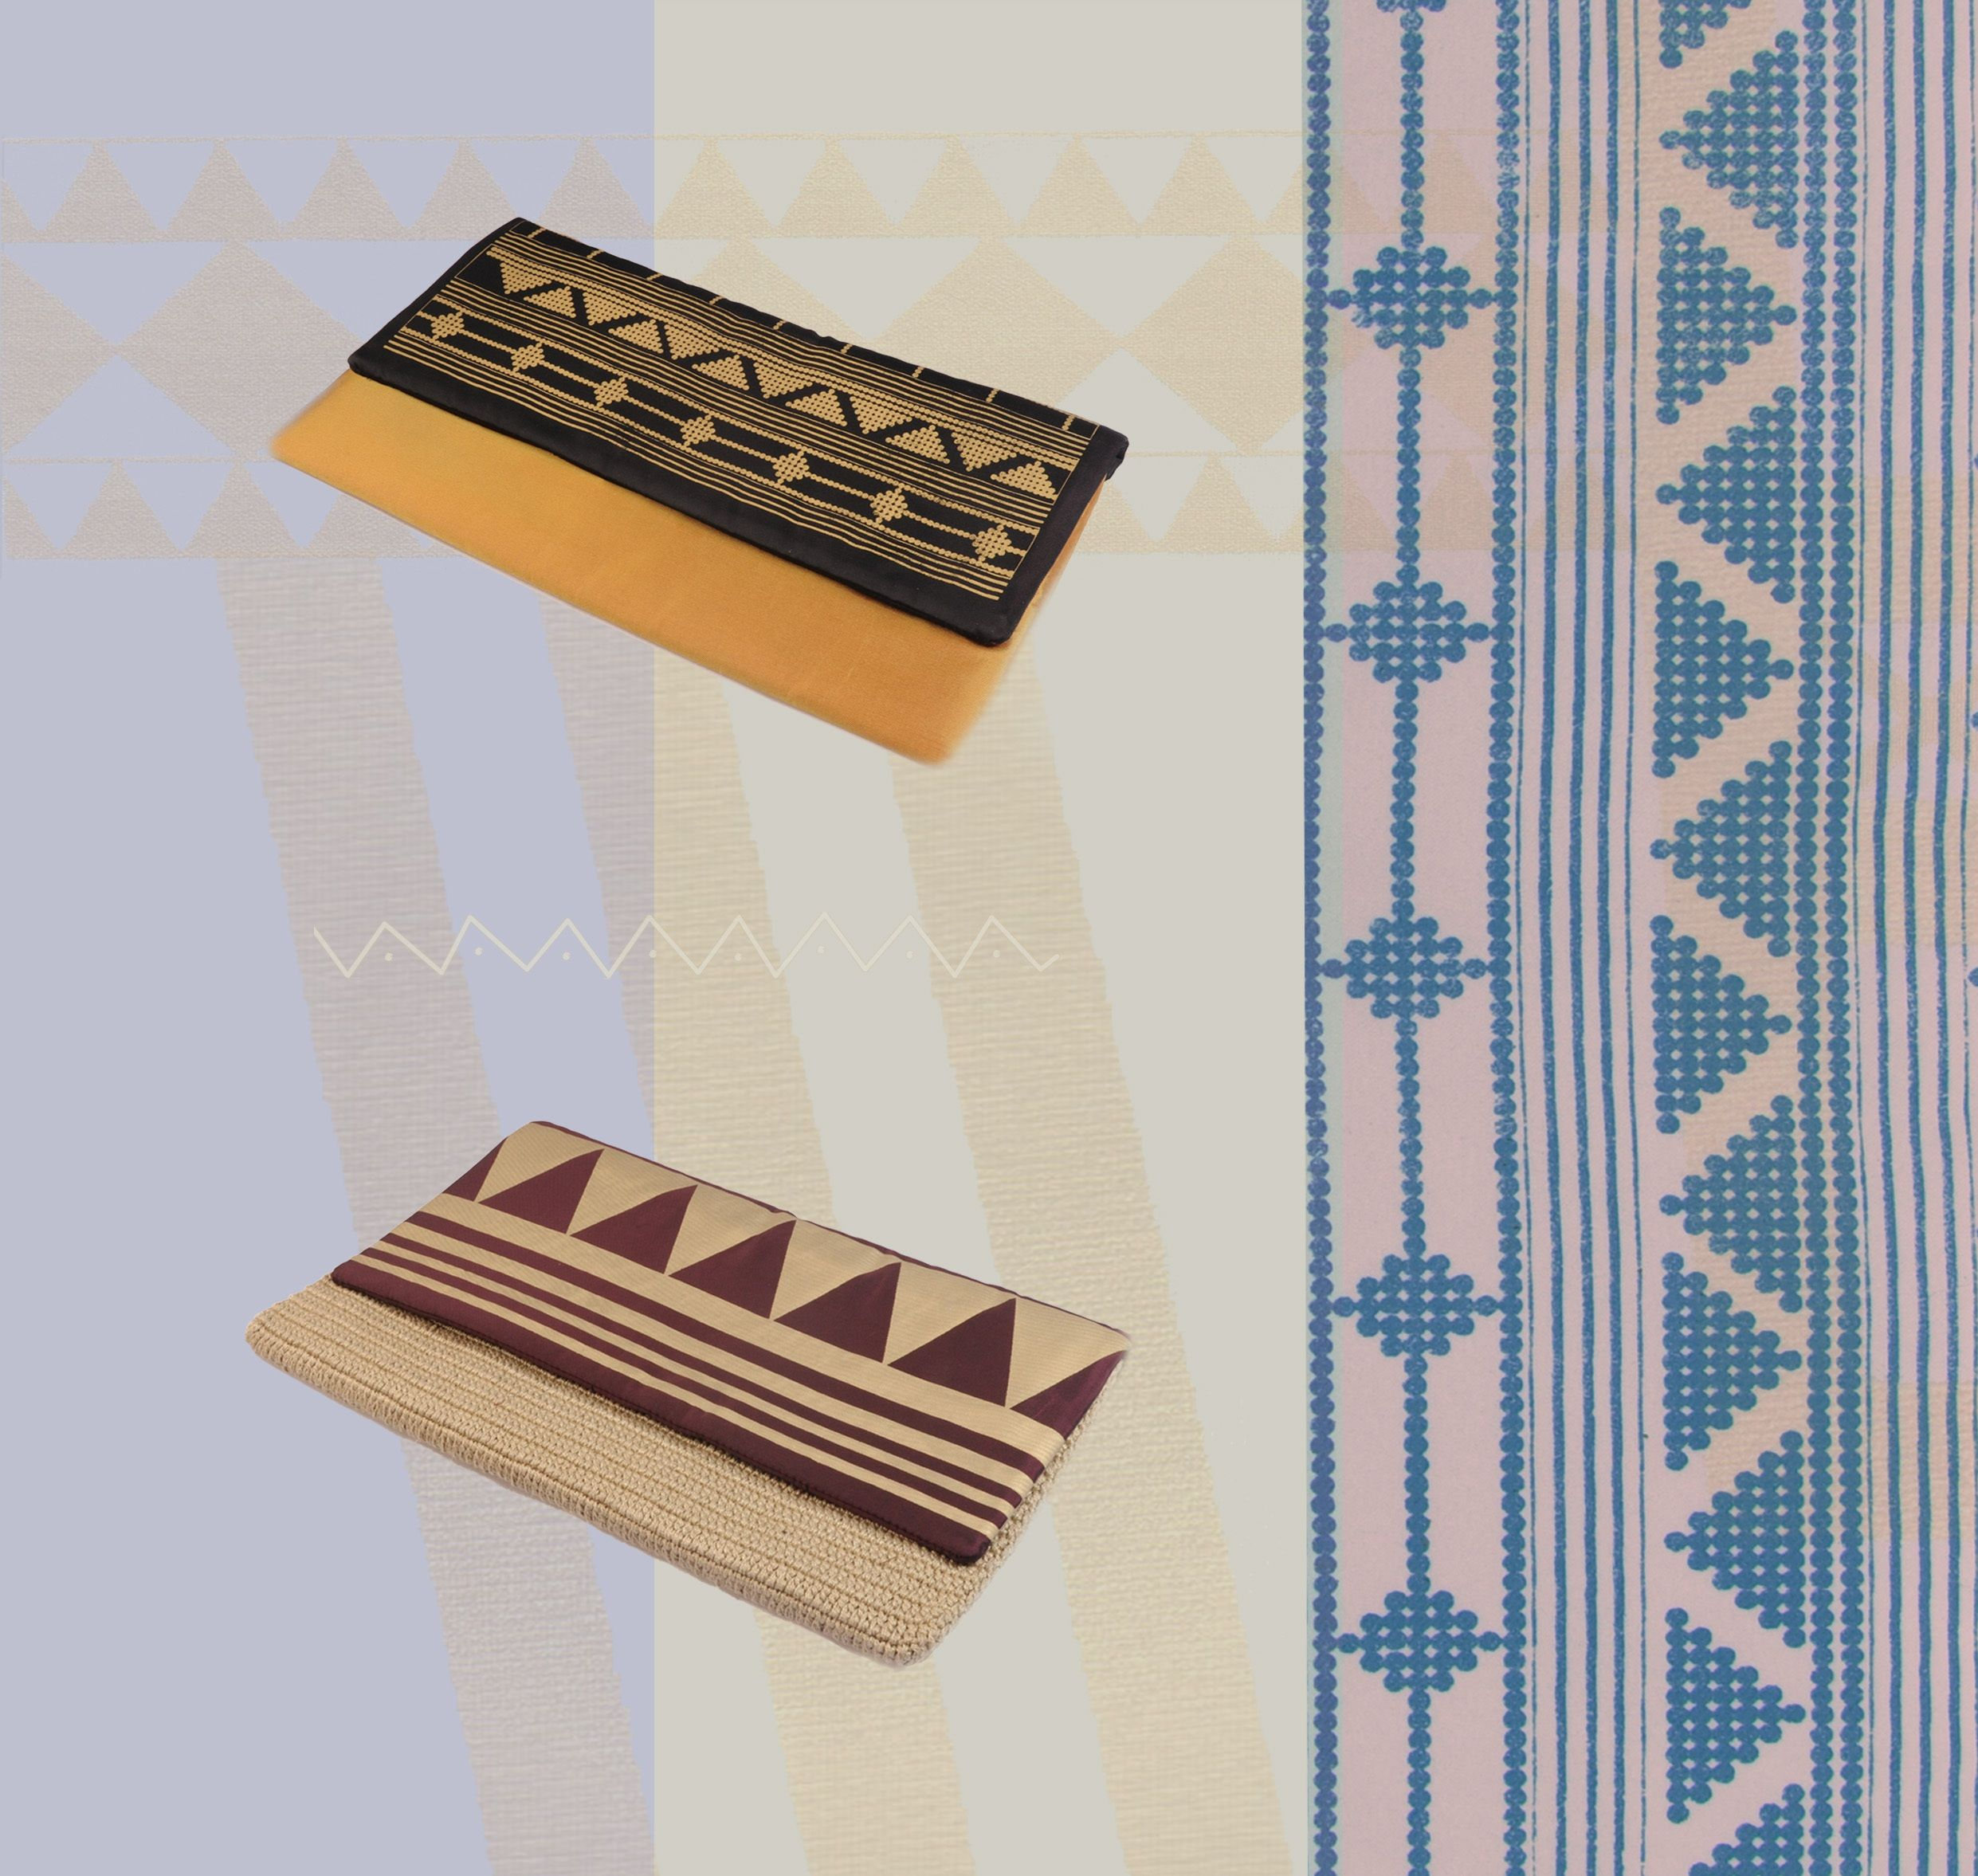 نقوش من الفن التراثي السعودي تزين مجموعة من حقائب سليسلة الخفيفة والمصنعة من الأقمشة الفاخرة أو الكروشيه Bags Tie Clip Accessories